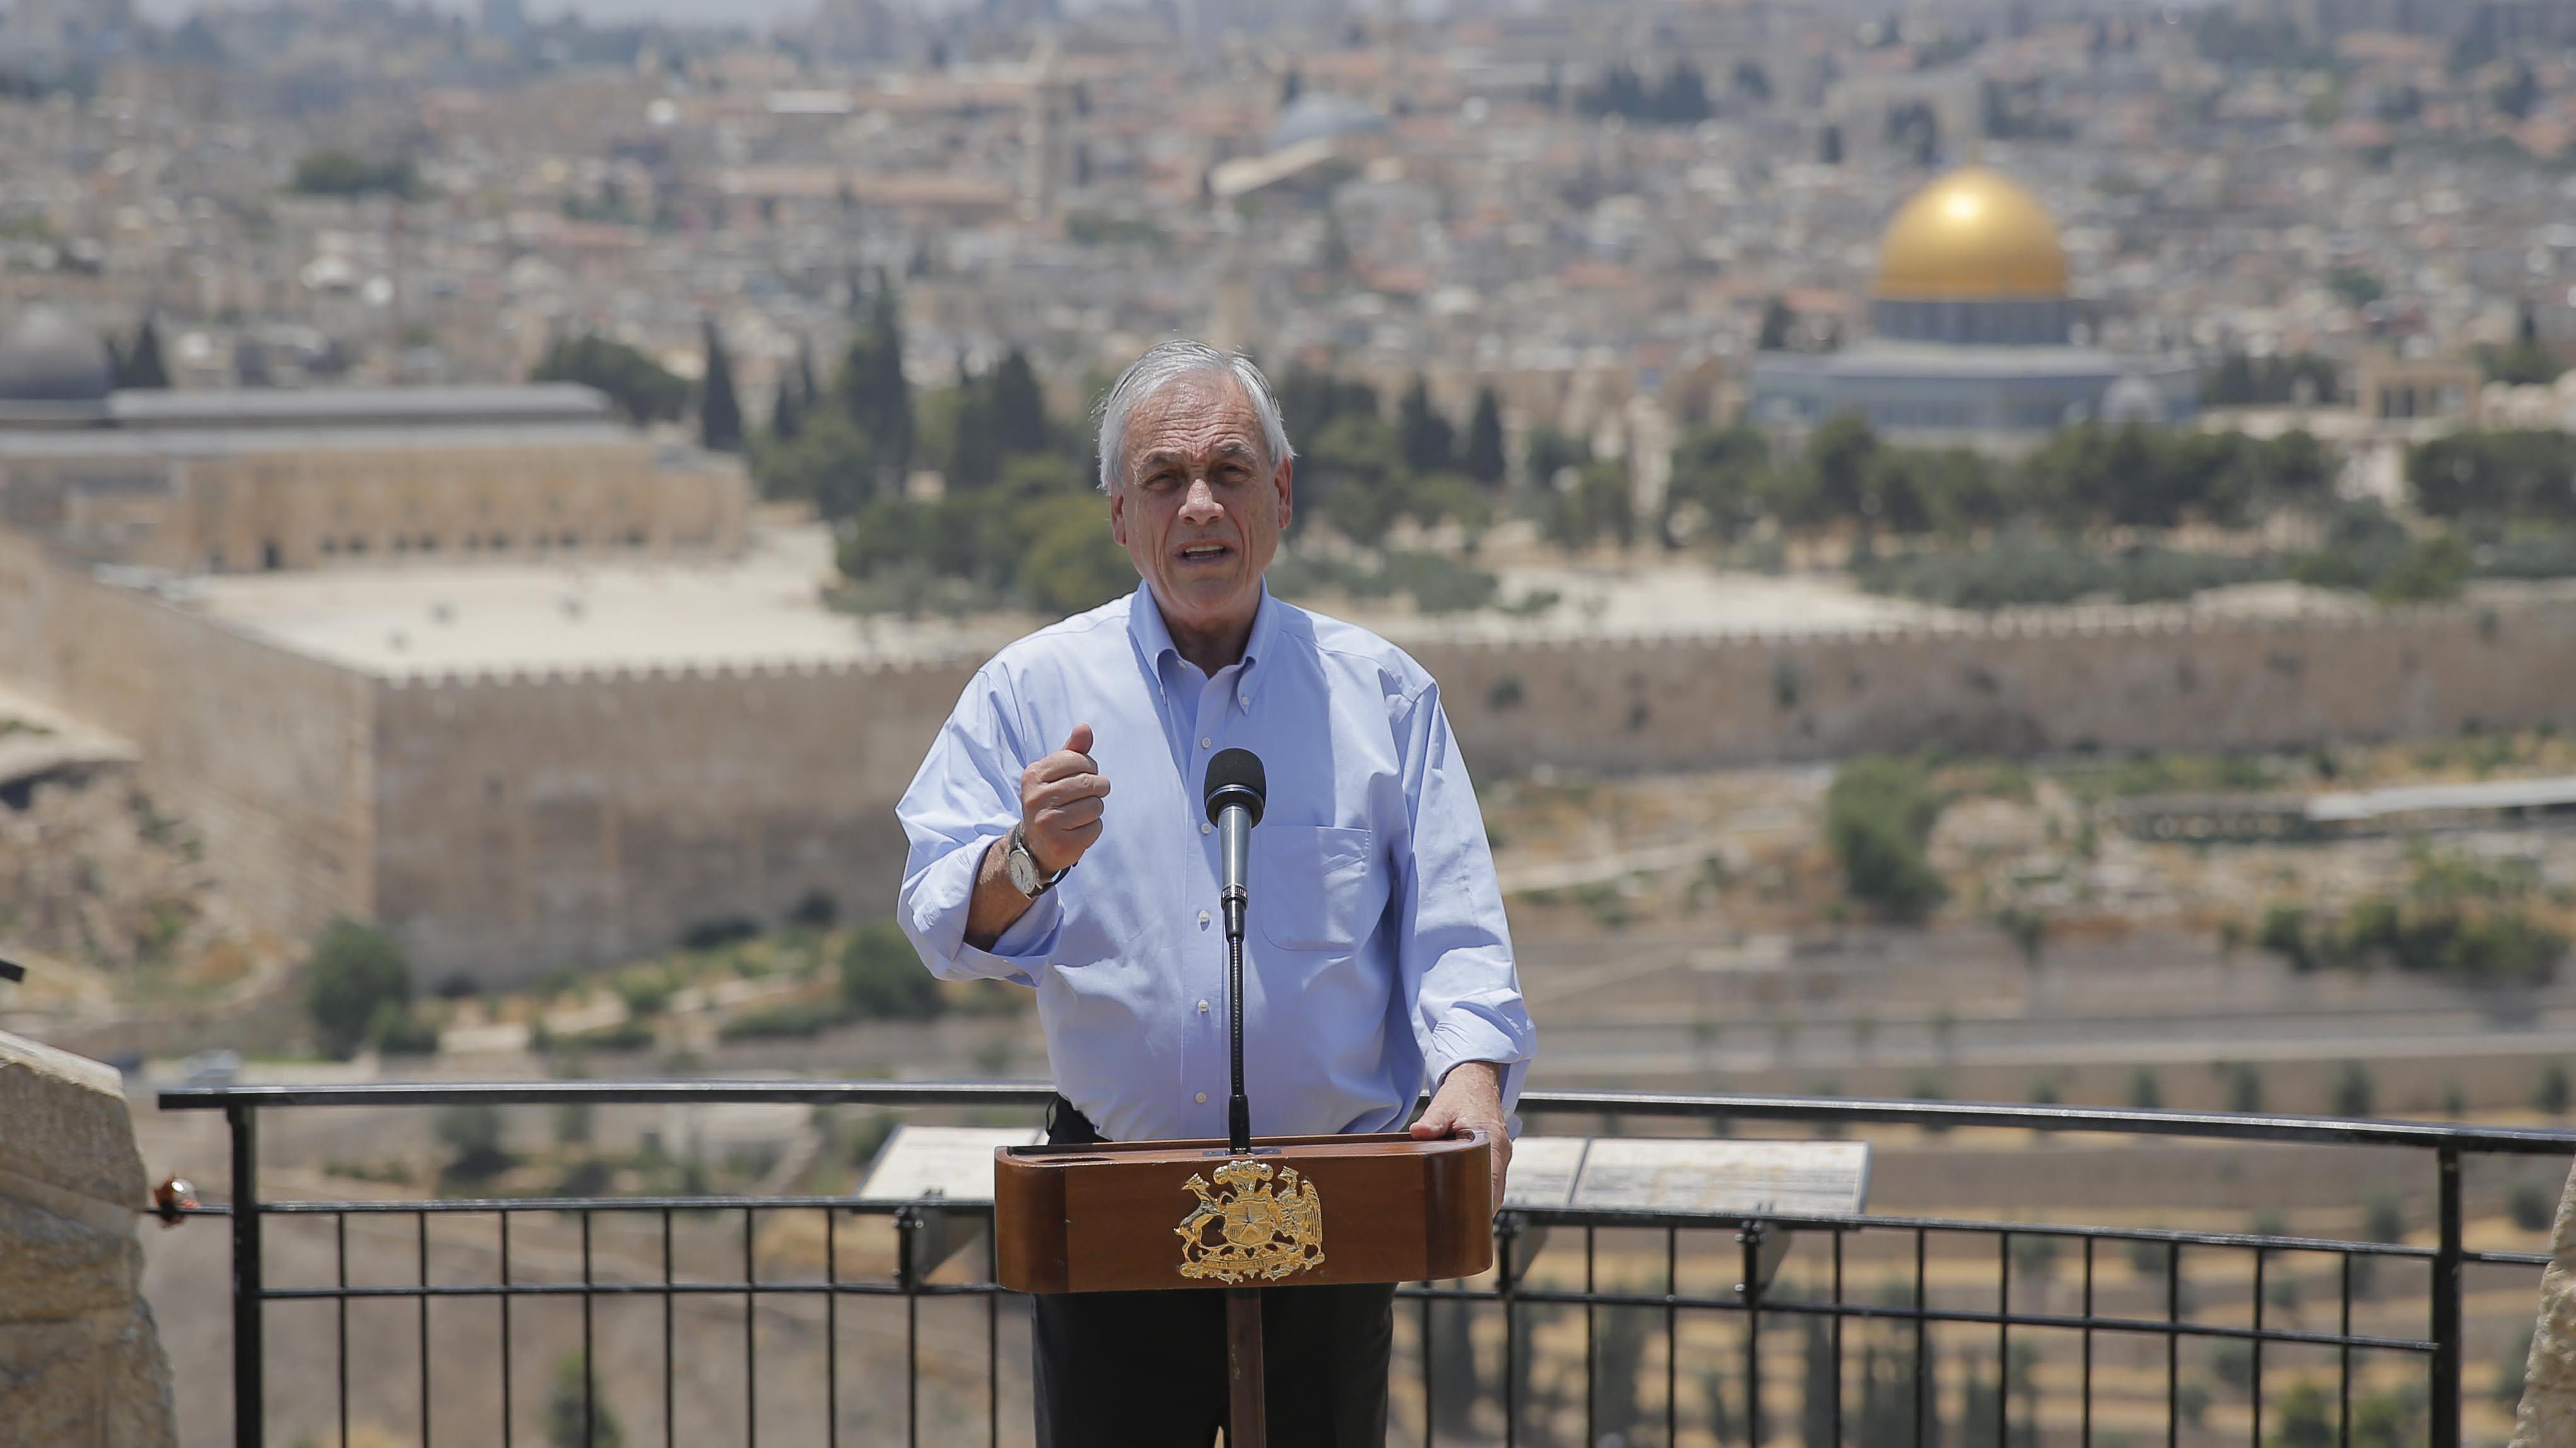 Chile envía nota diplomática a Israel para aclarar que visita de Piñera a ciudad vieja de Jerusalén era sin autoridades locales